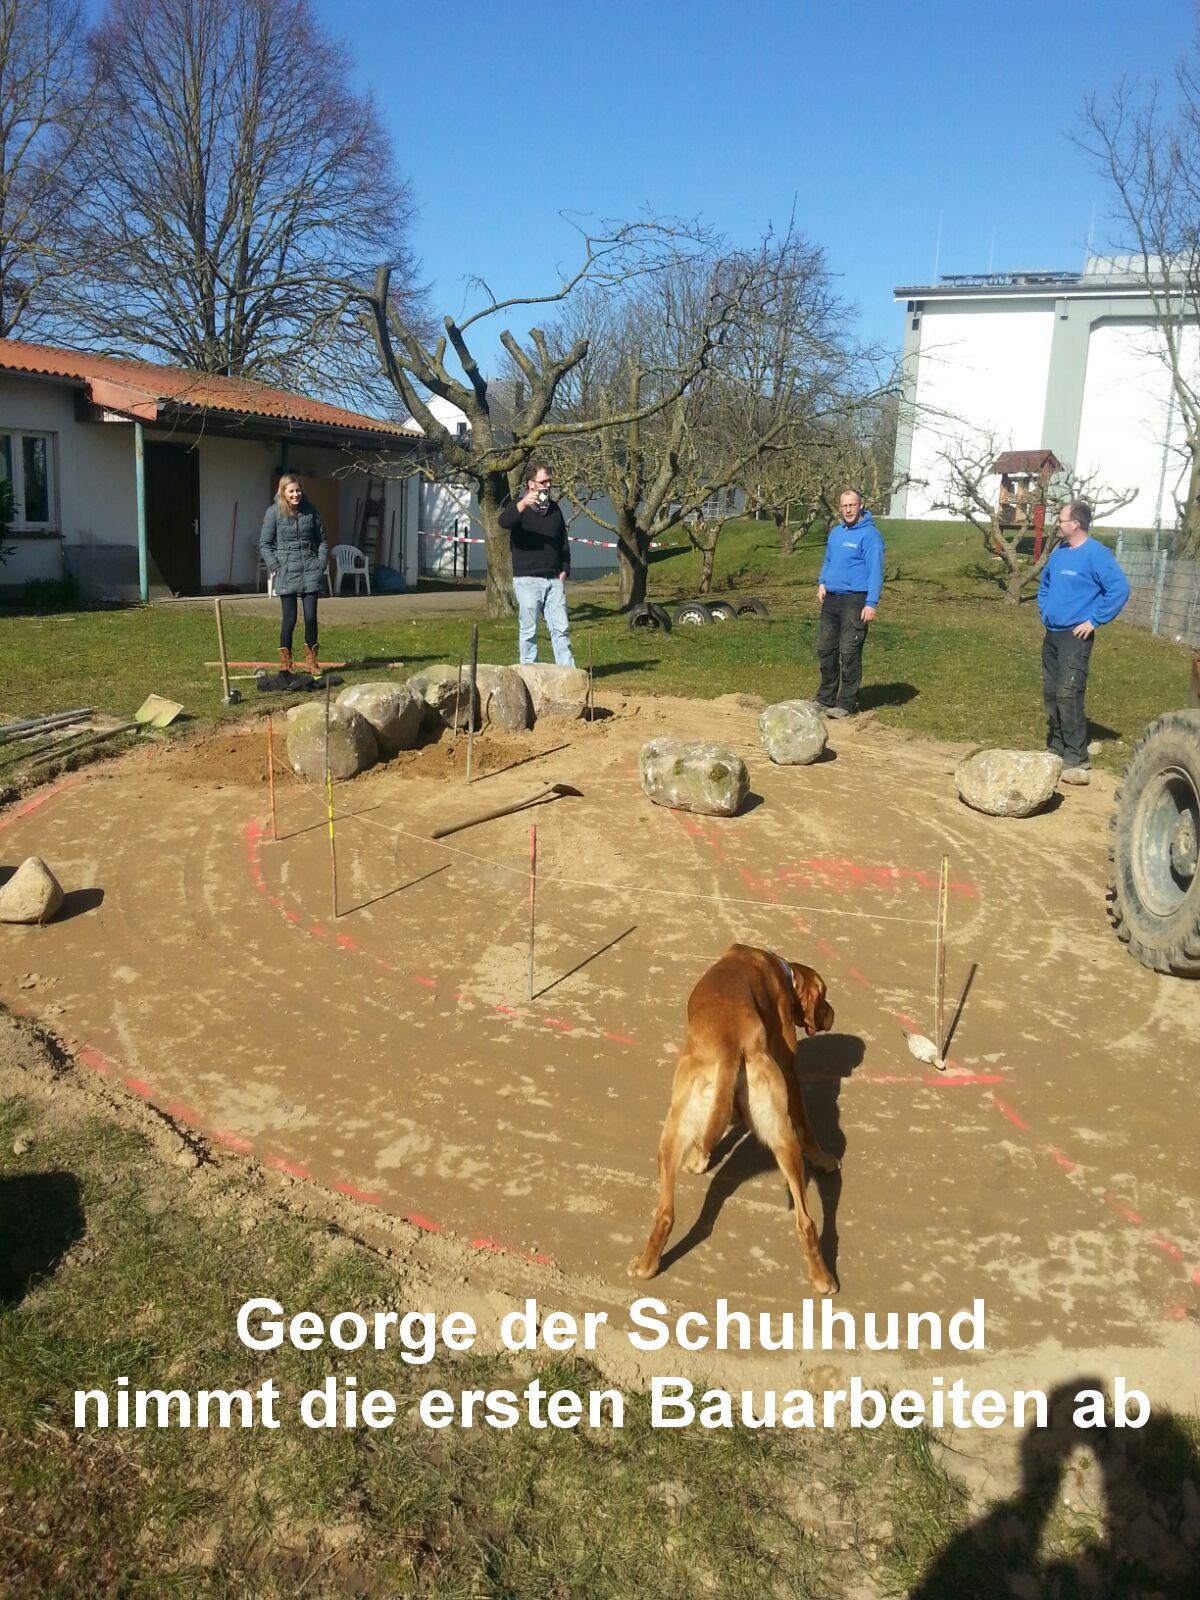 12 George, der Schulhund, nimmt die ersten Bauarbeiten ab